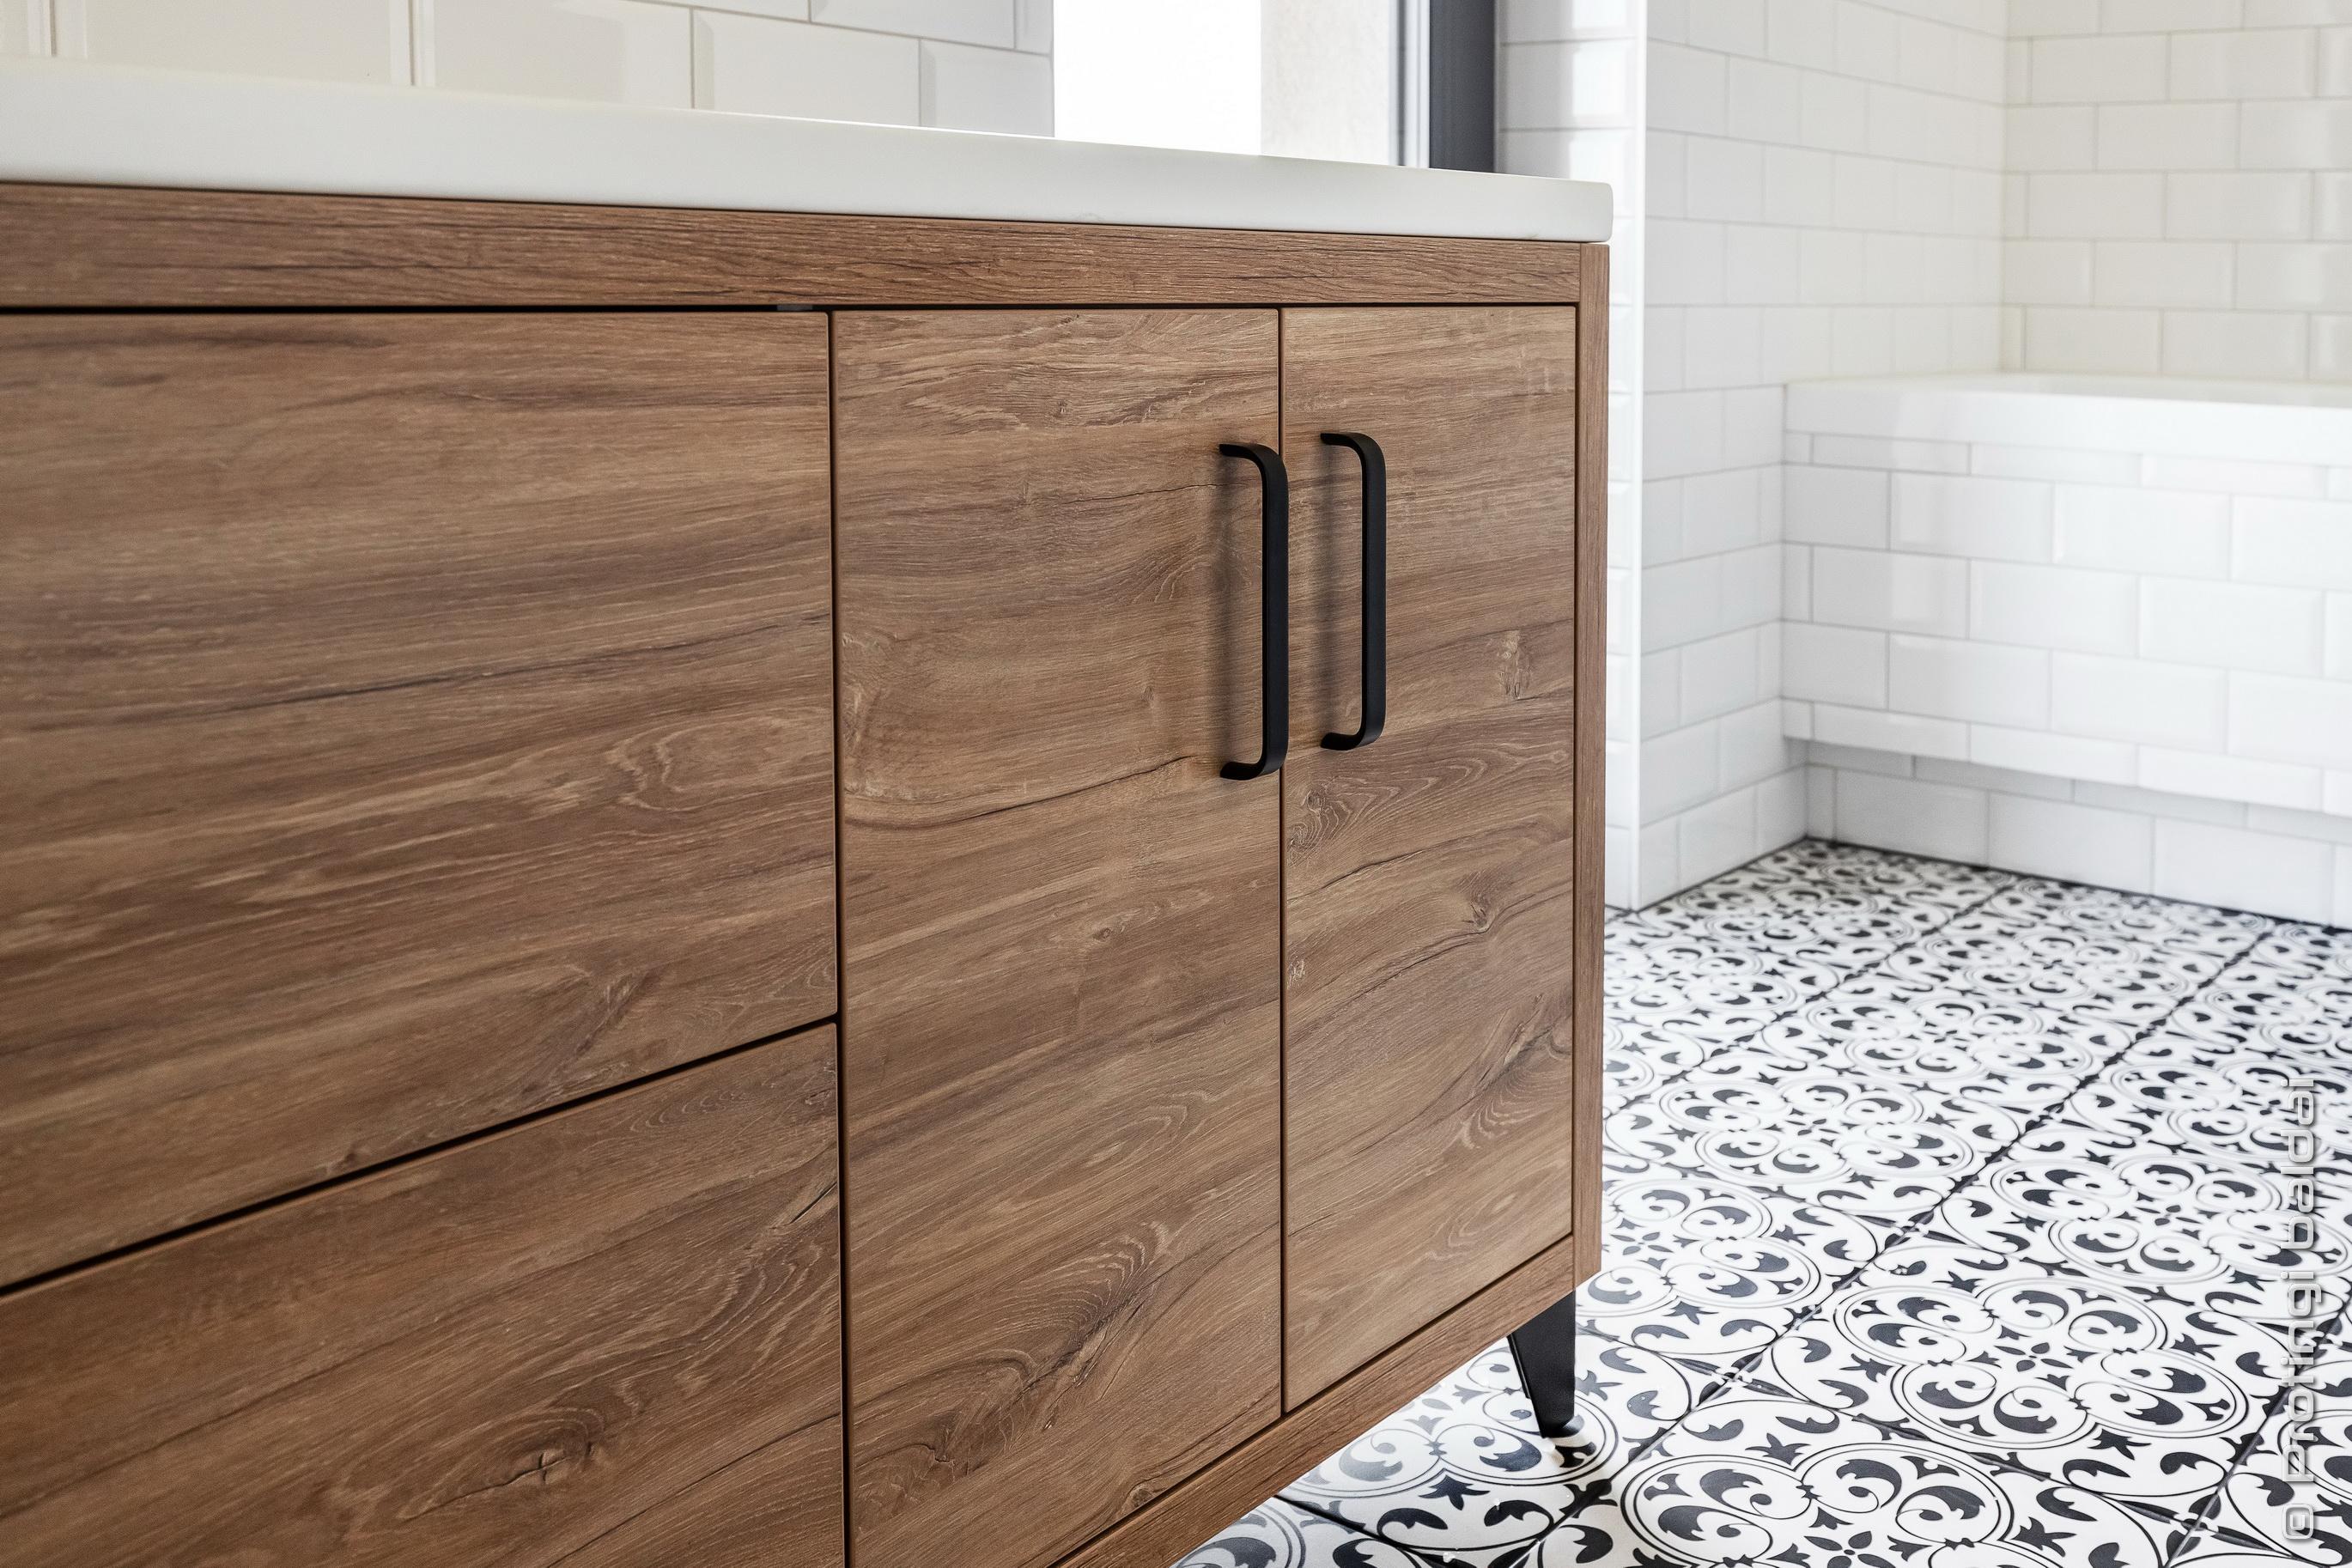 virtuve-vonia-PB35_22